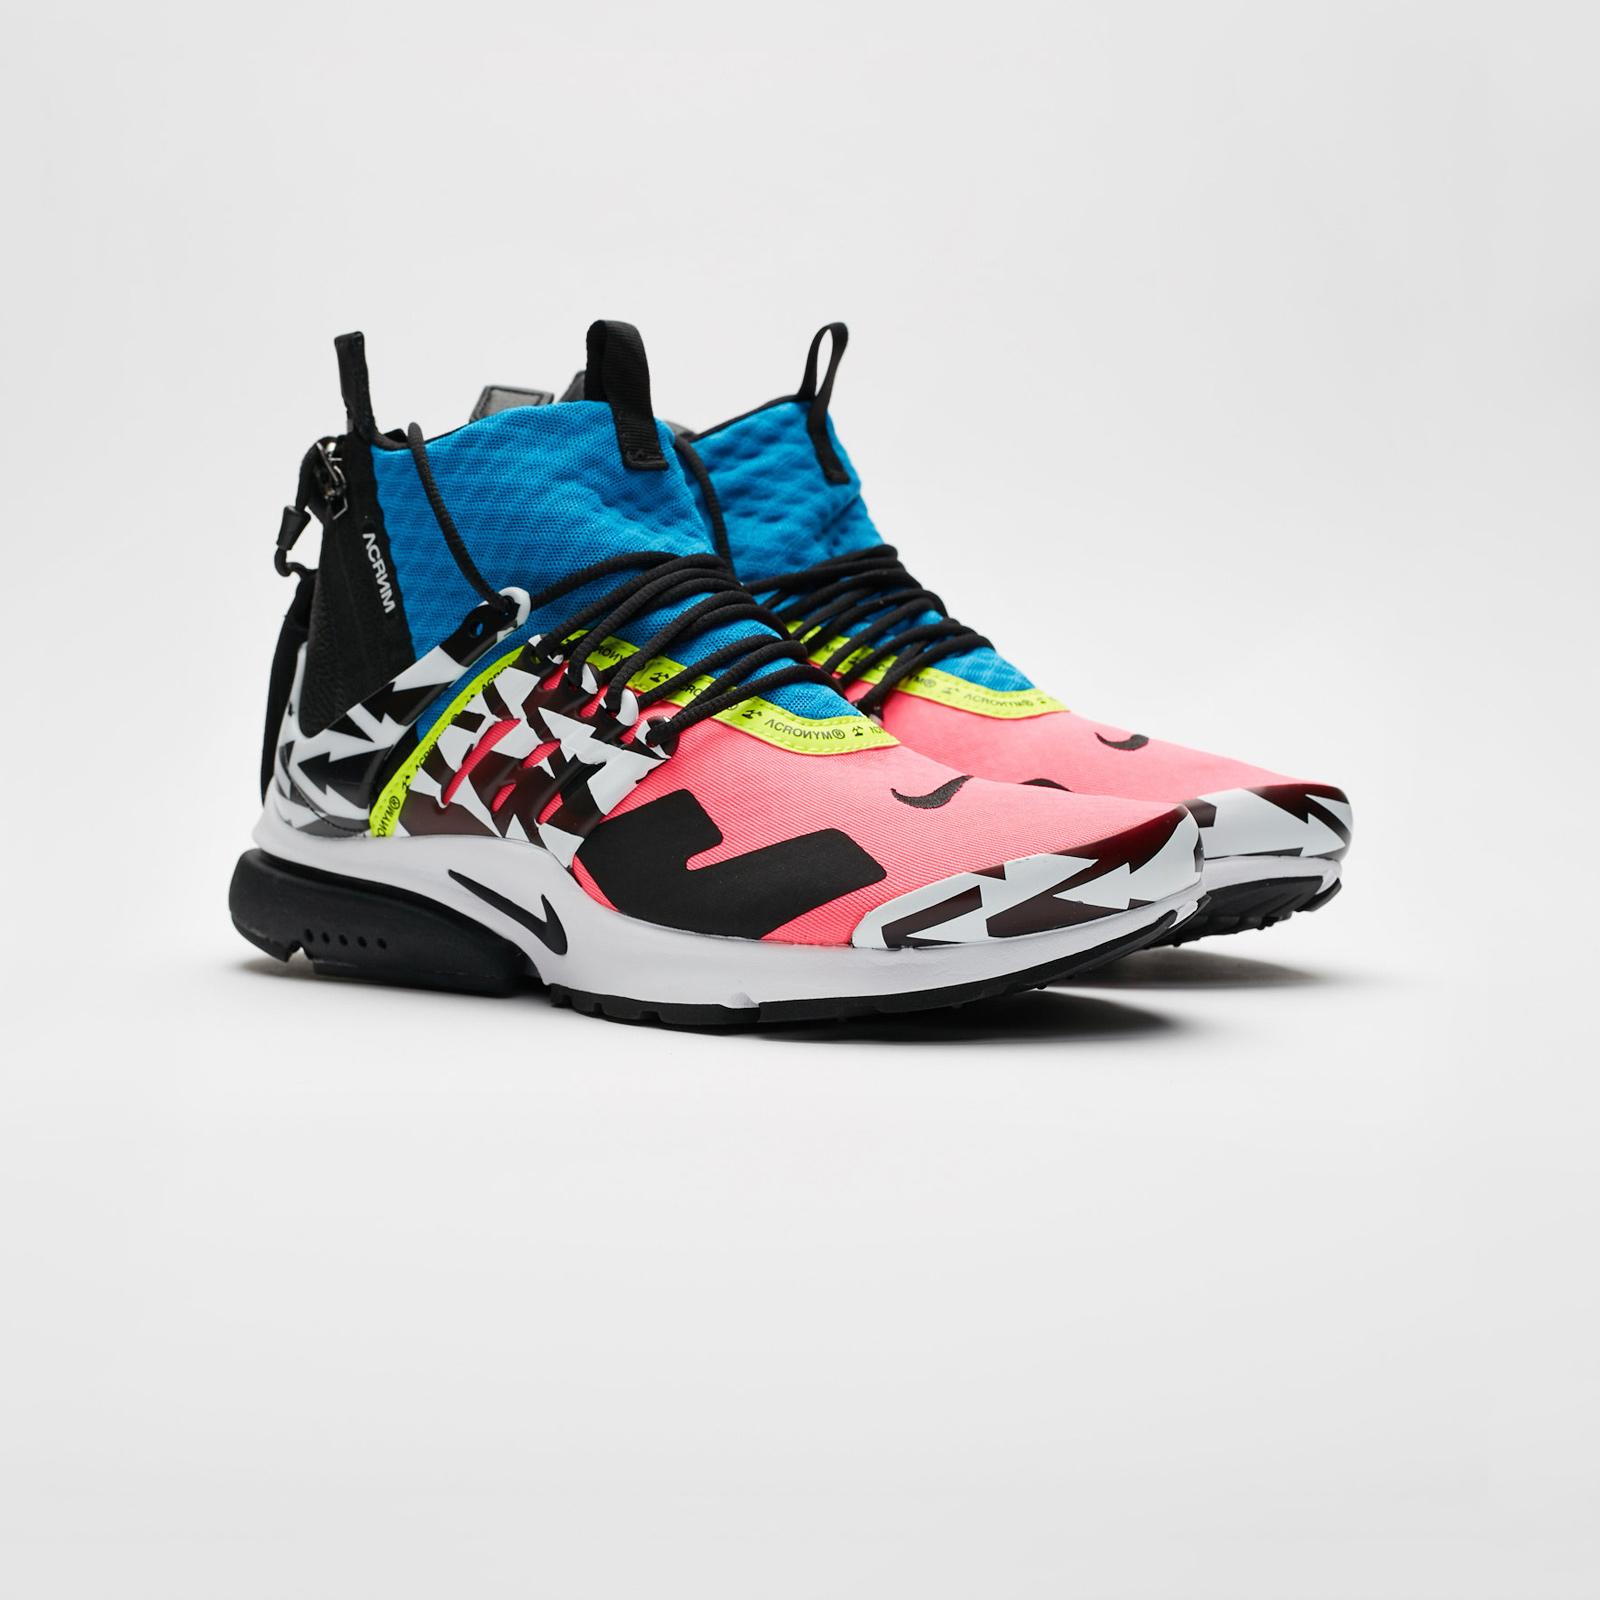 72bbdd19cf1 Nike Air Presto Mid x Acronym - Ah7832-600 - Sneakersnstuff ...